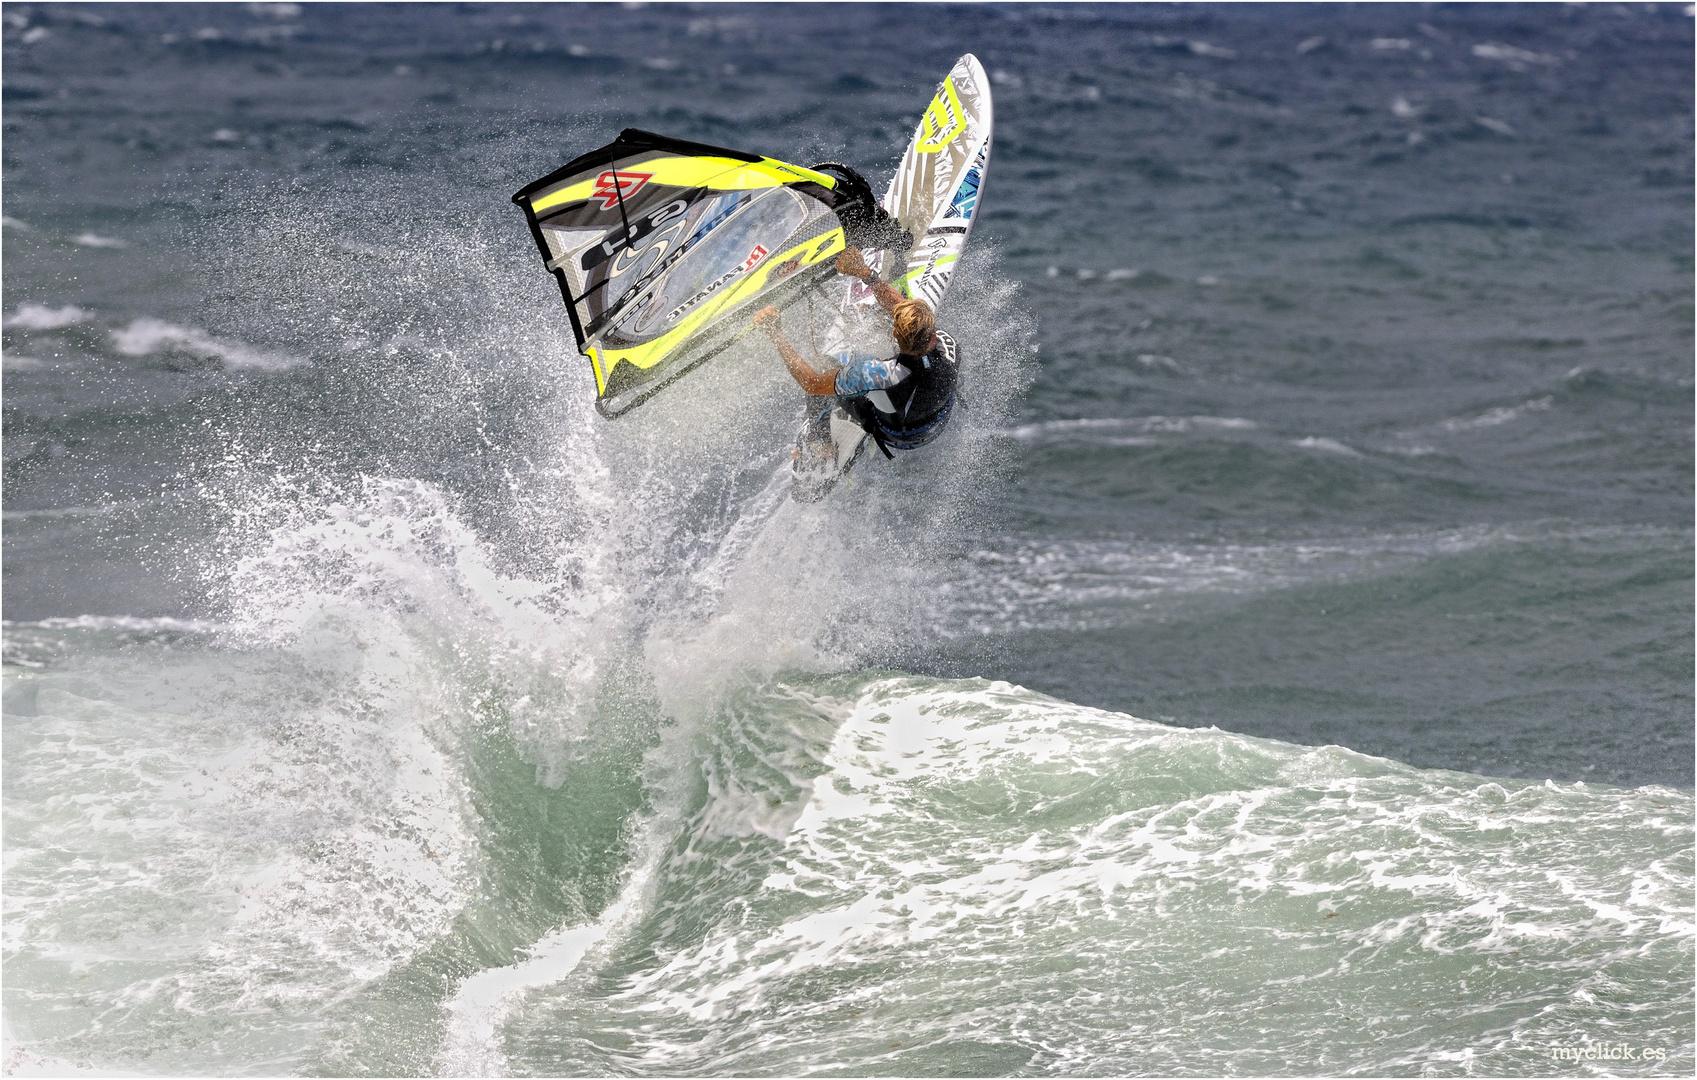 CAMPEONATO DE WINSURF-POZO 2011